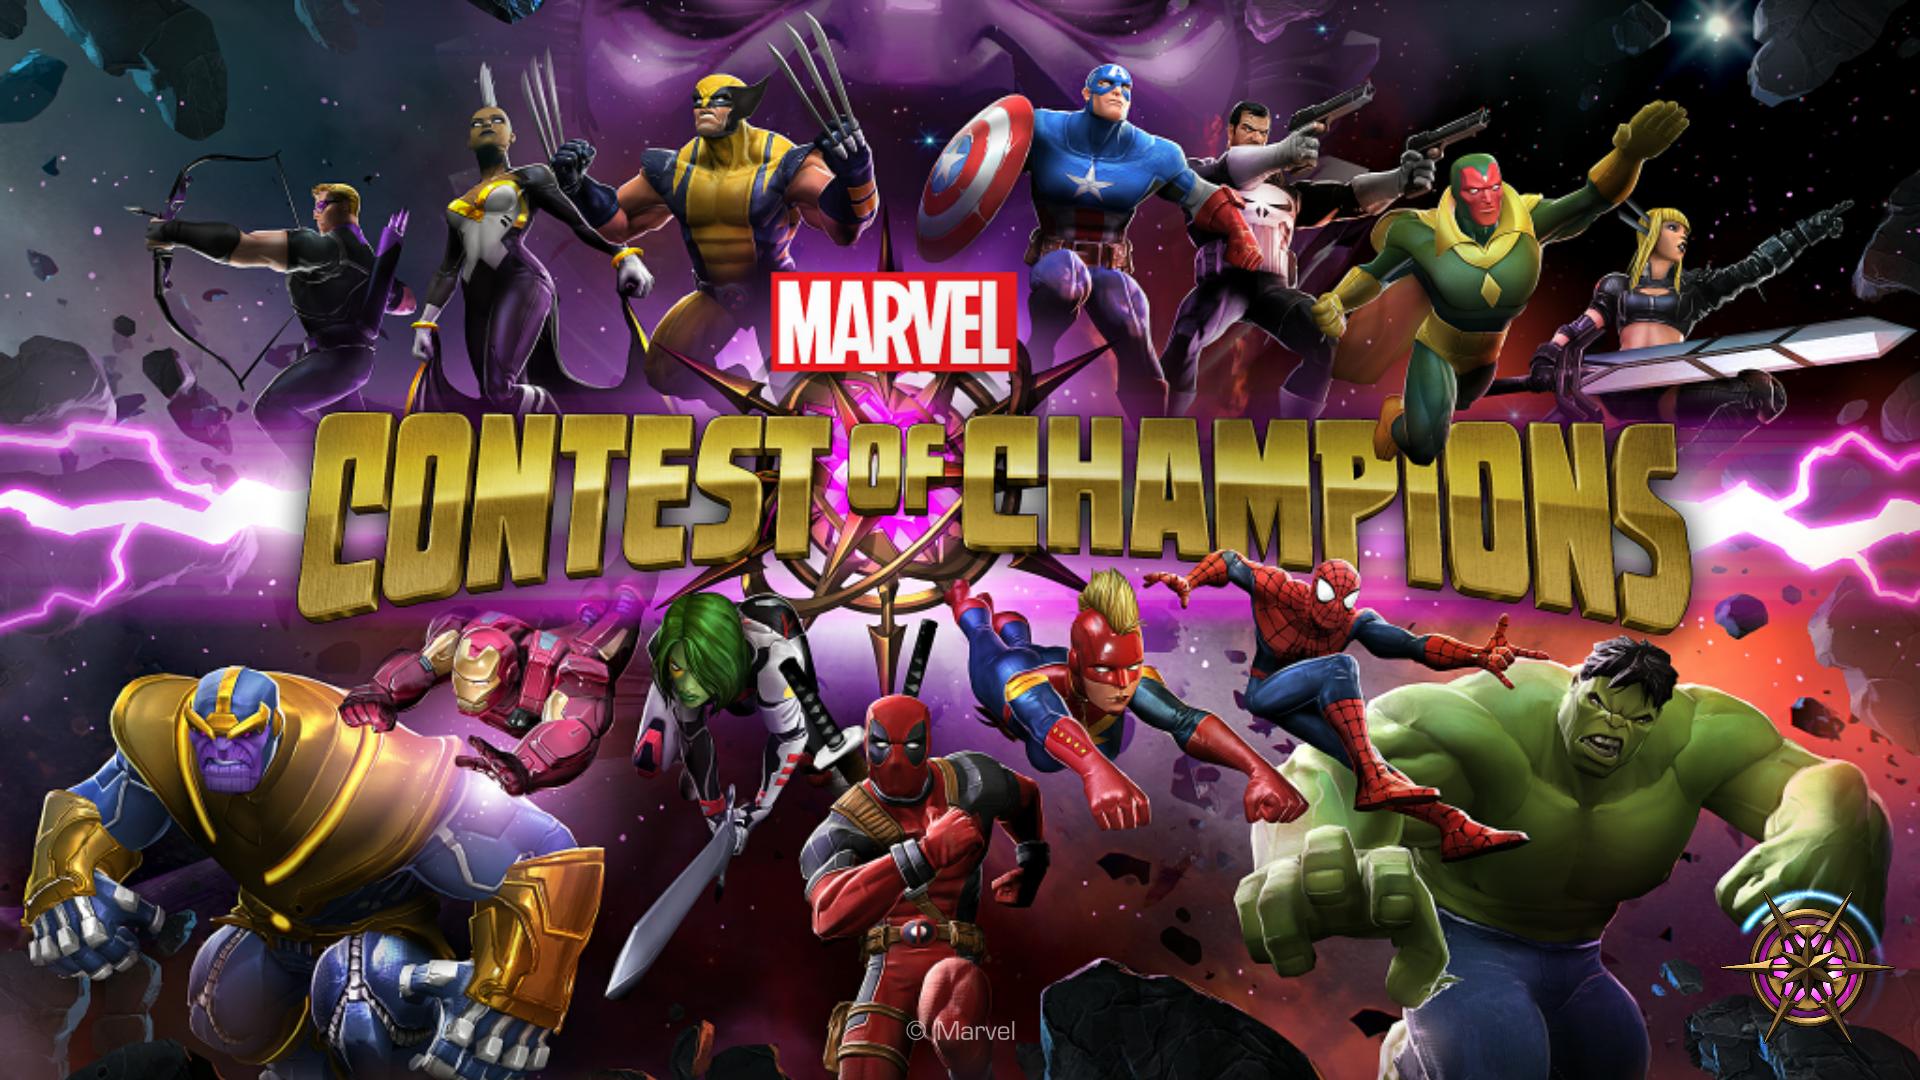 Si vous cherchez un jeu Marvel avec un gros casting, vous allez être servi.